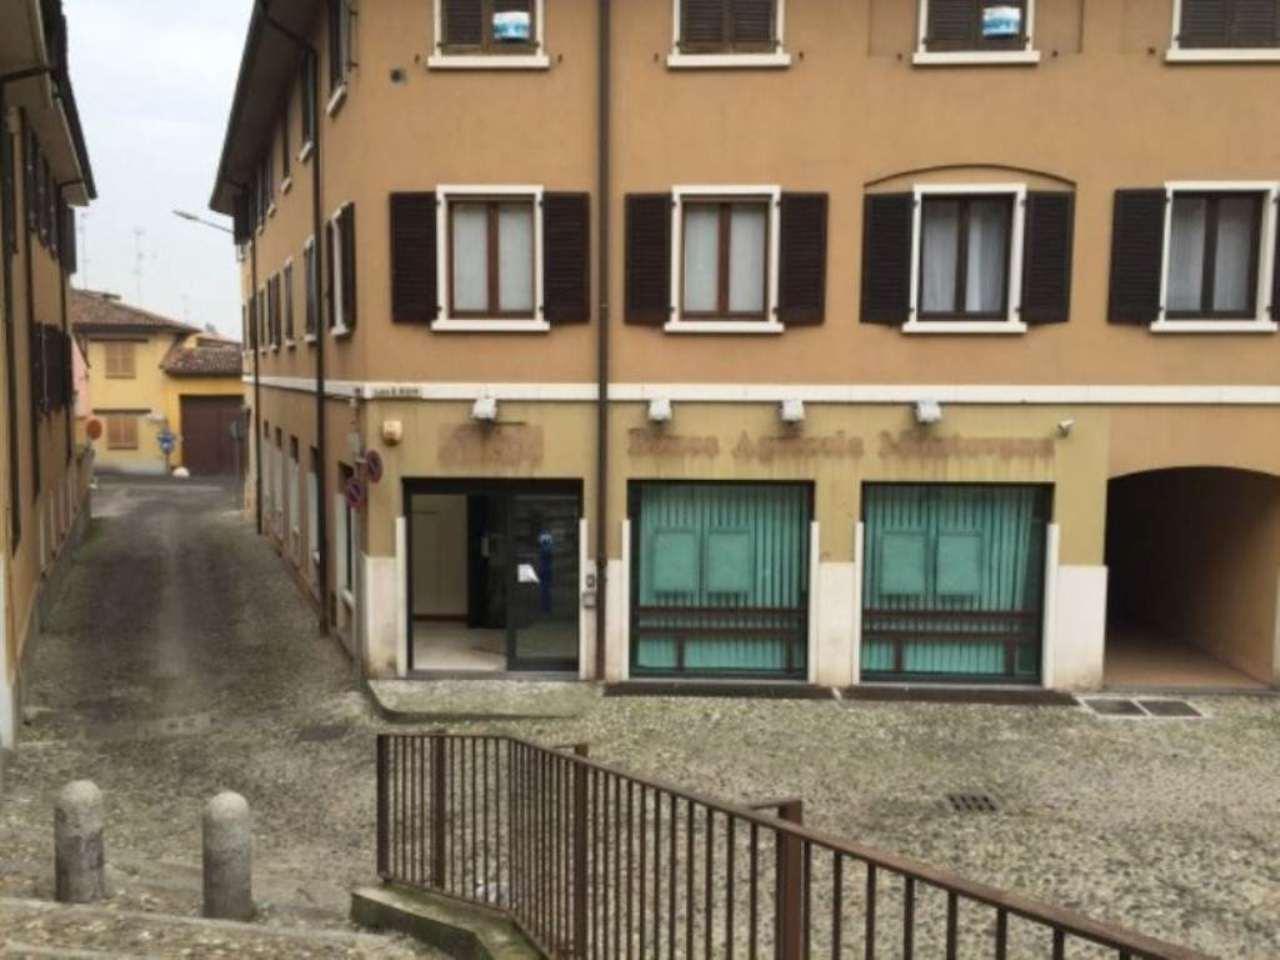 Negozio / Locale in affitto a Sant'Angelo Lodigiano, 9999 locali, prezzo € 1.700 | CambioCasa.it